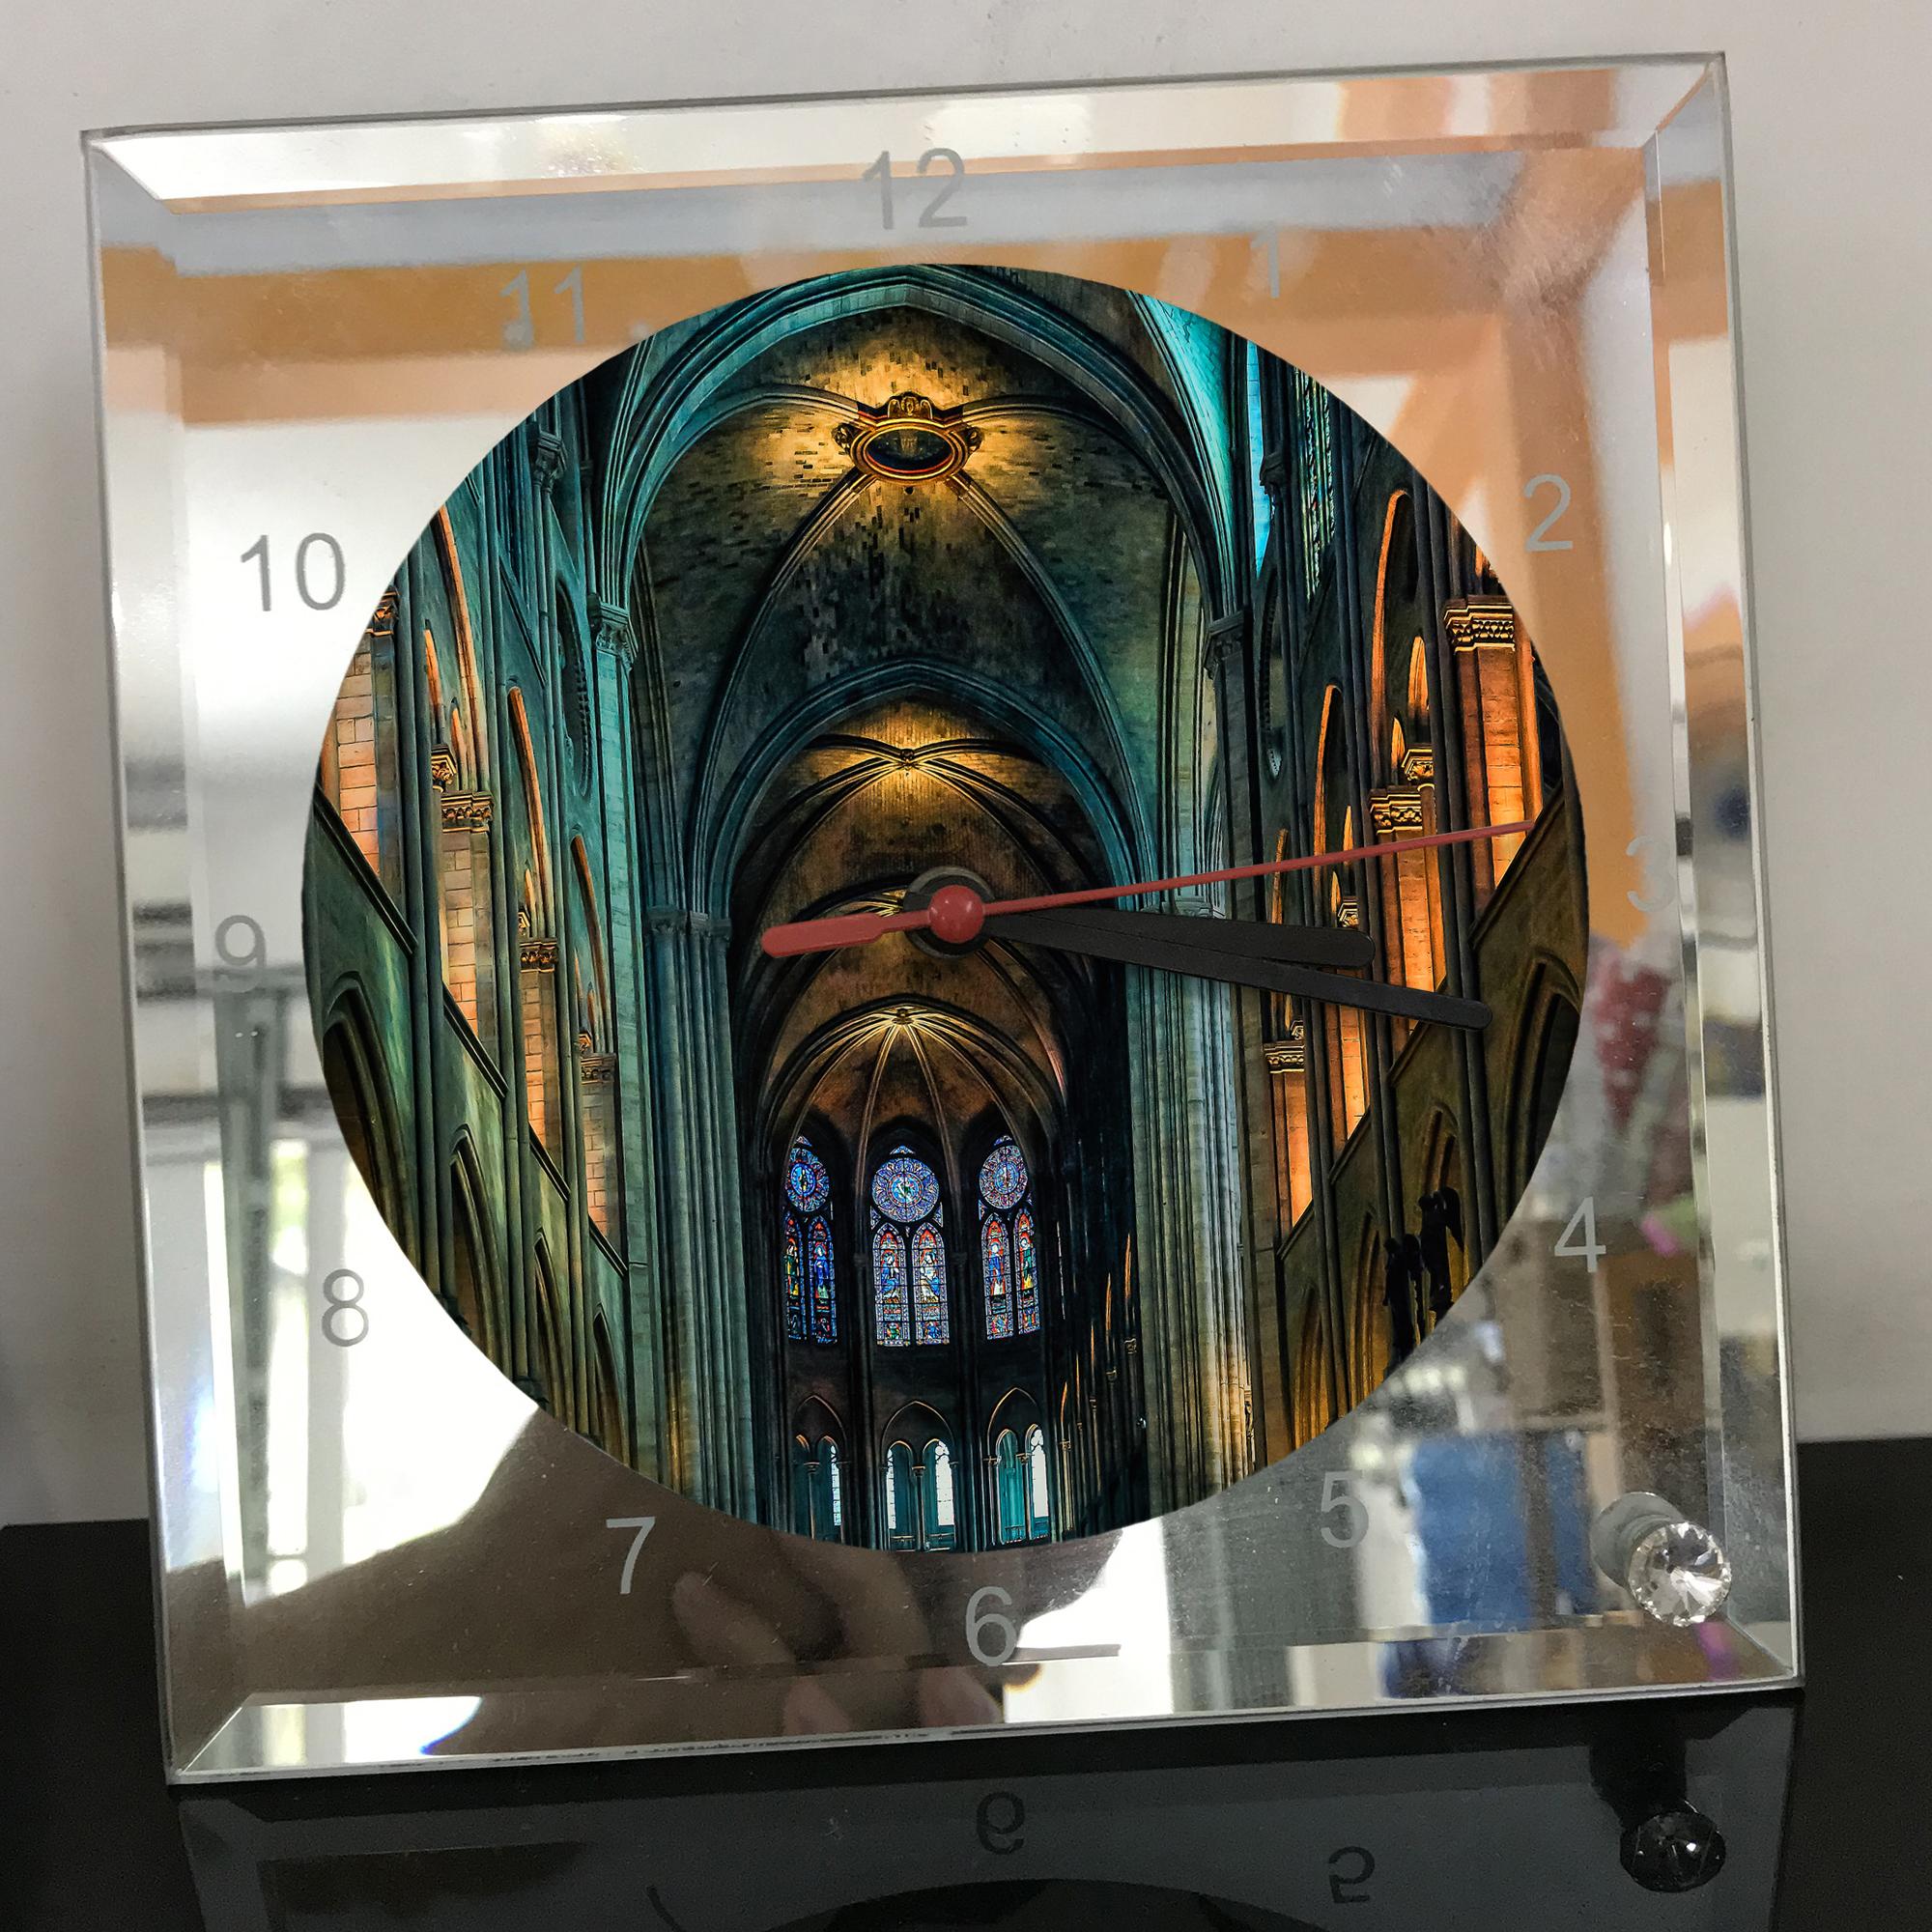 Đồng hồ thủy tinh vuông 20x20 in hình Cathedral - nhà thờ chính tòa (44) . Đồng hồ thủy tinh để bàn trang trí đẹp chủ đề tôn giáo